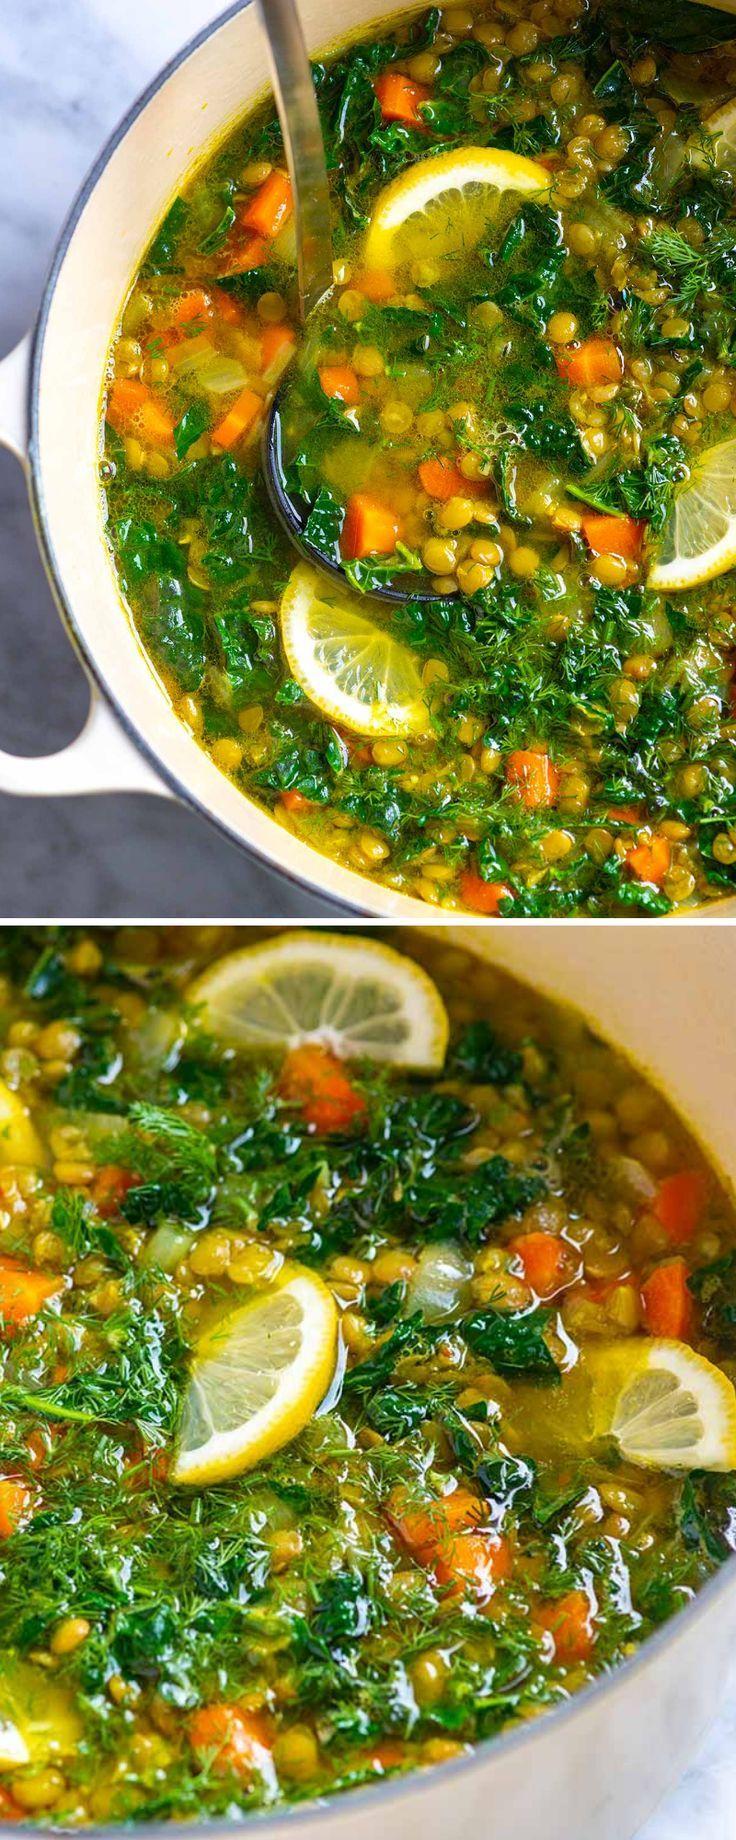 Lentil Soup with Lemon and Turmeric  Lentil Soup with Lemon and Turmeric